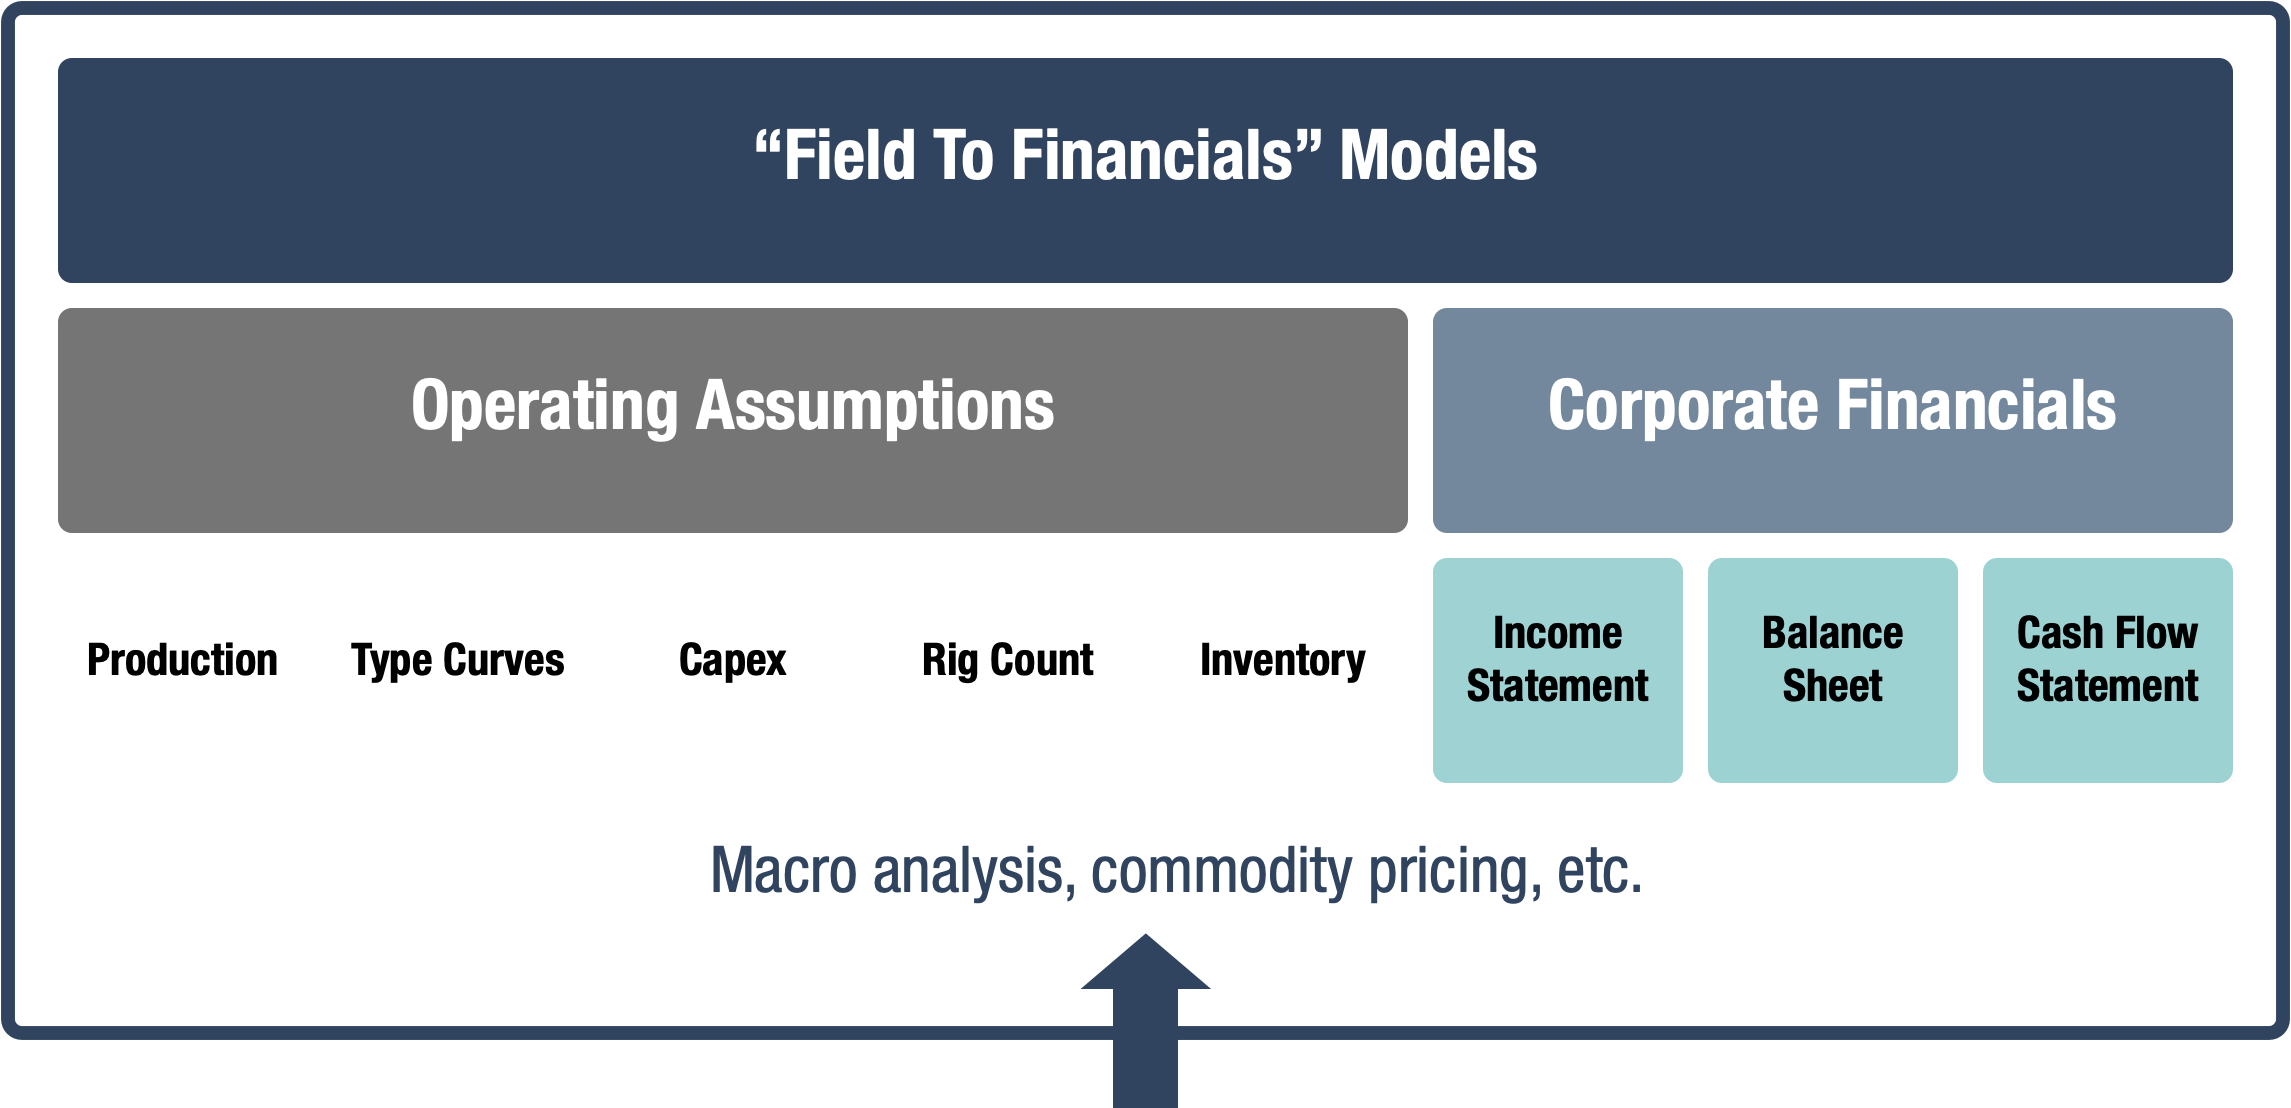 Field to Financials schematic